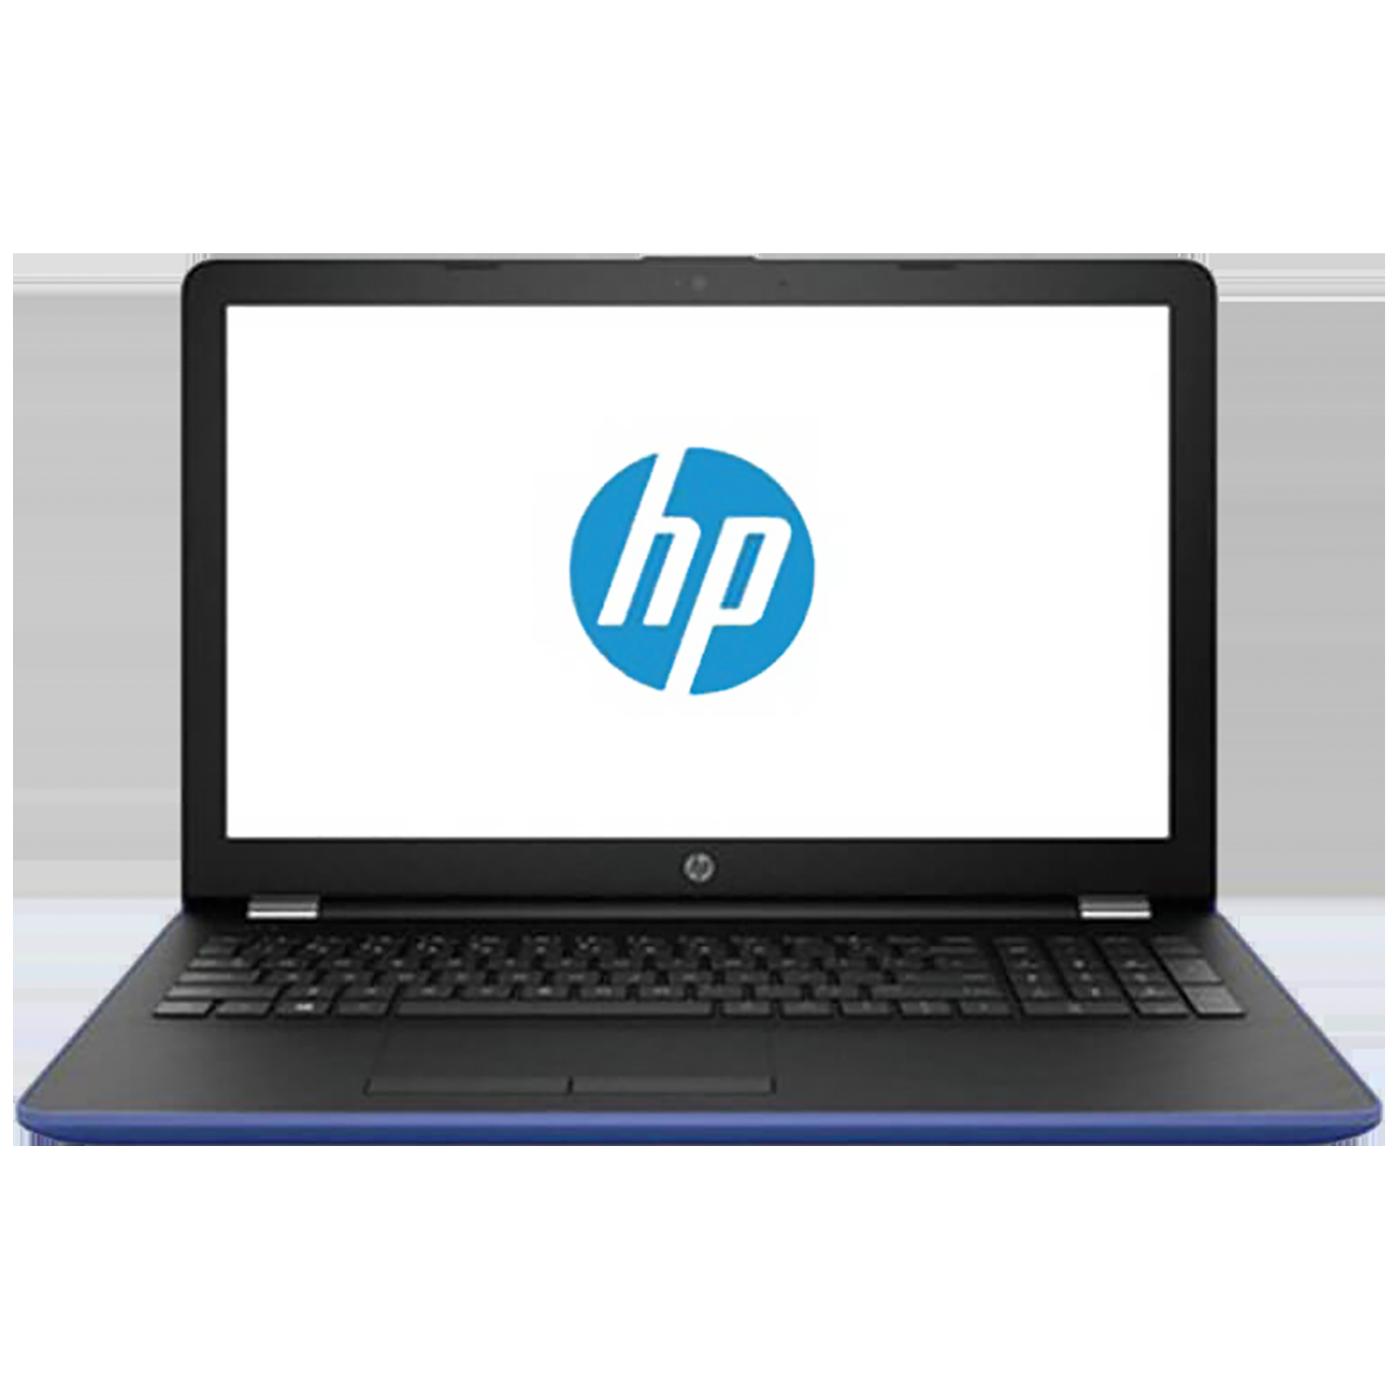 NOT HP 15-bs019nm, 2GS53EA